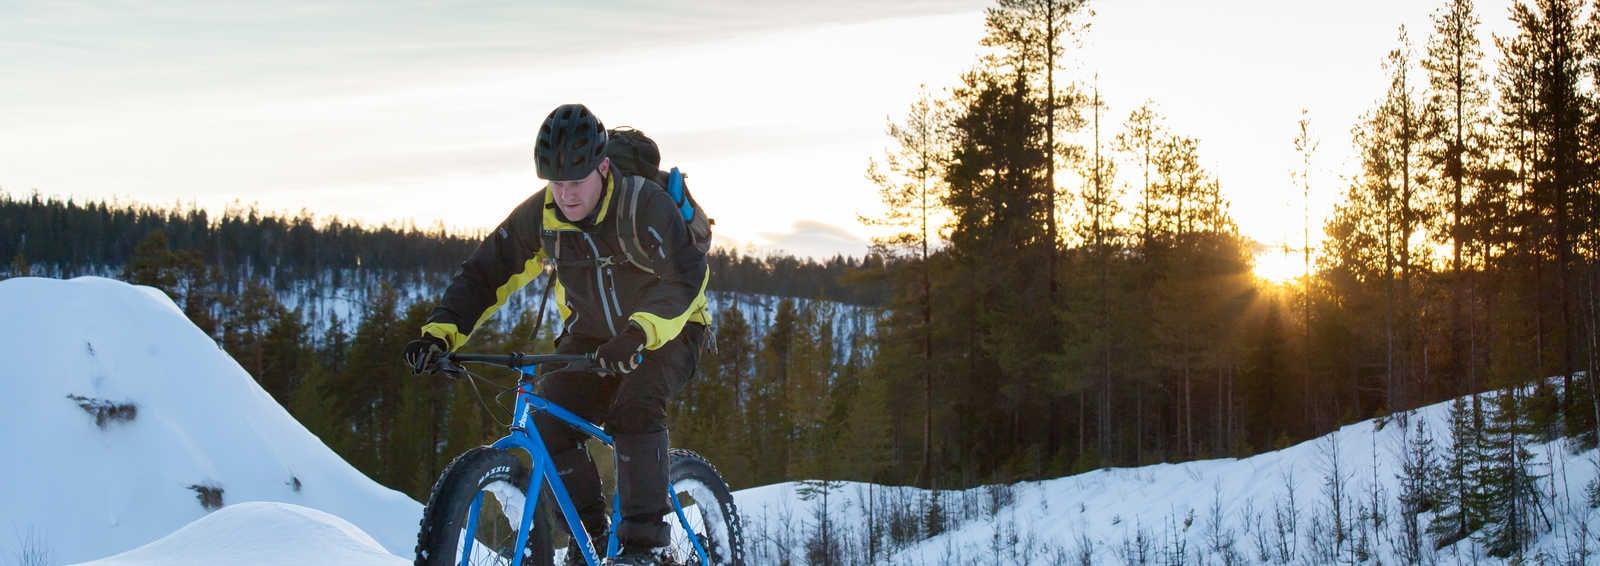 Fat Biking In Finland Exodus